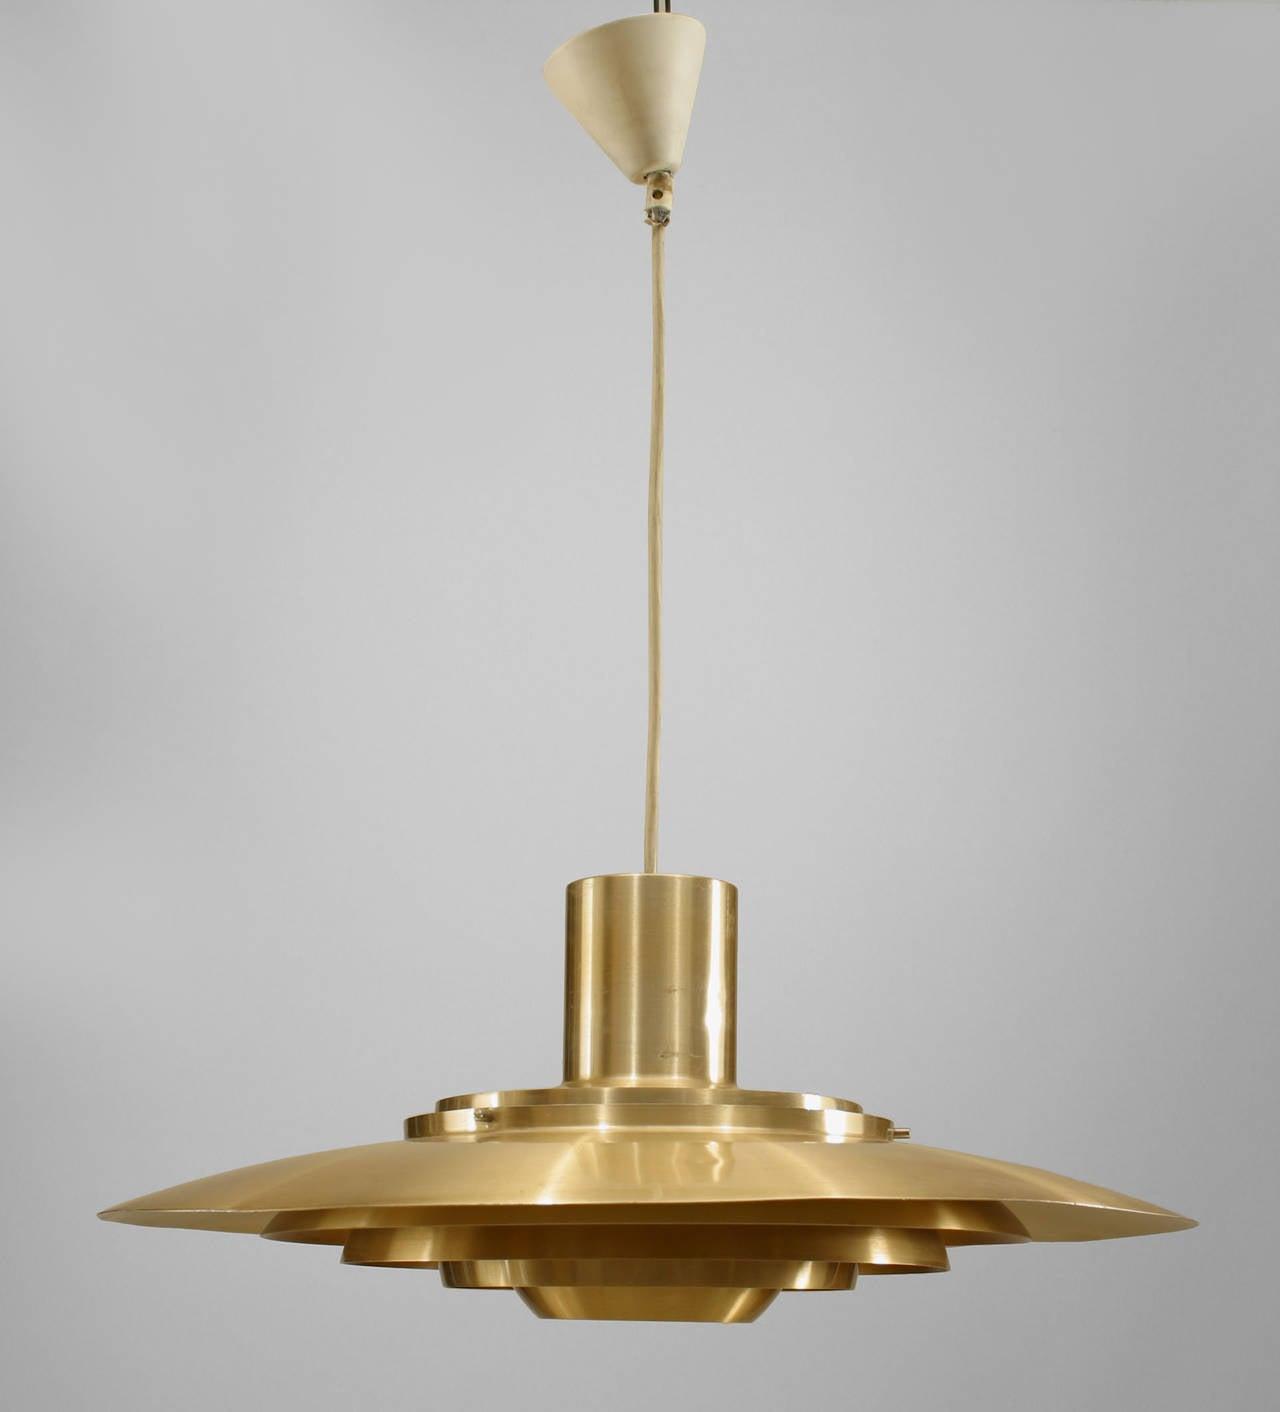 Scandinavian mid century modern brass disc pendant light at 1stdibs scandinavian mid century modern brass disc pendant light 2 arubaitofo Images